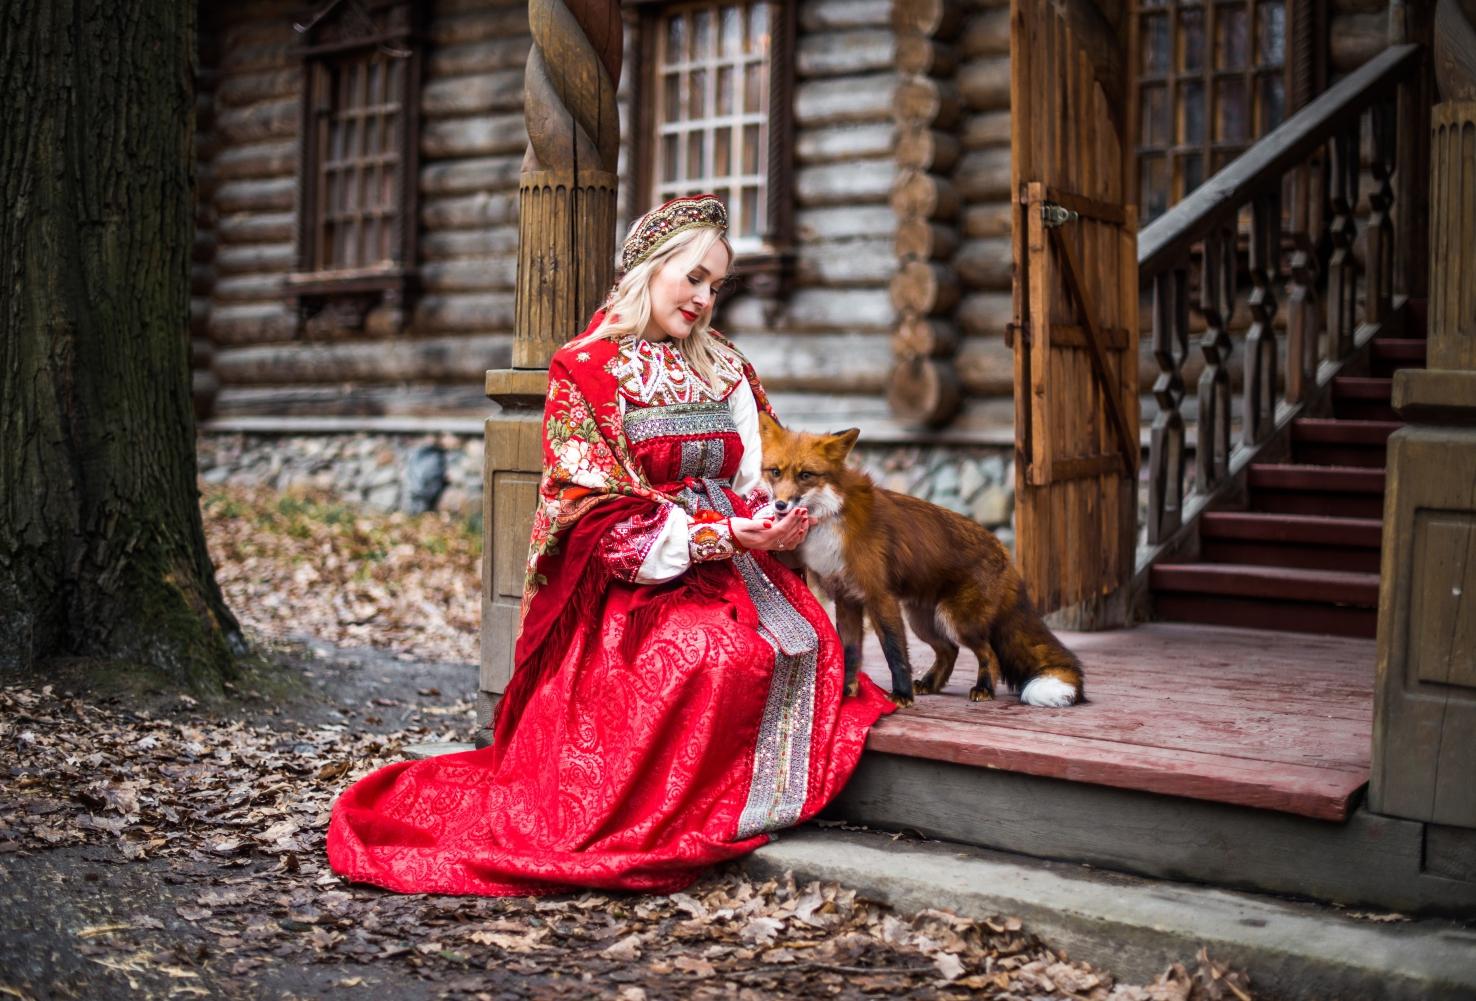 девушка в платье в русском стиле с лисой на крылечке у терема